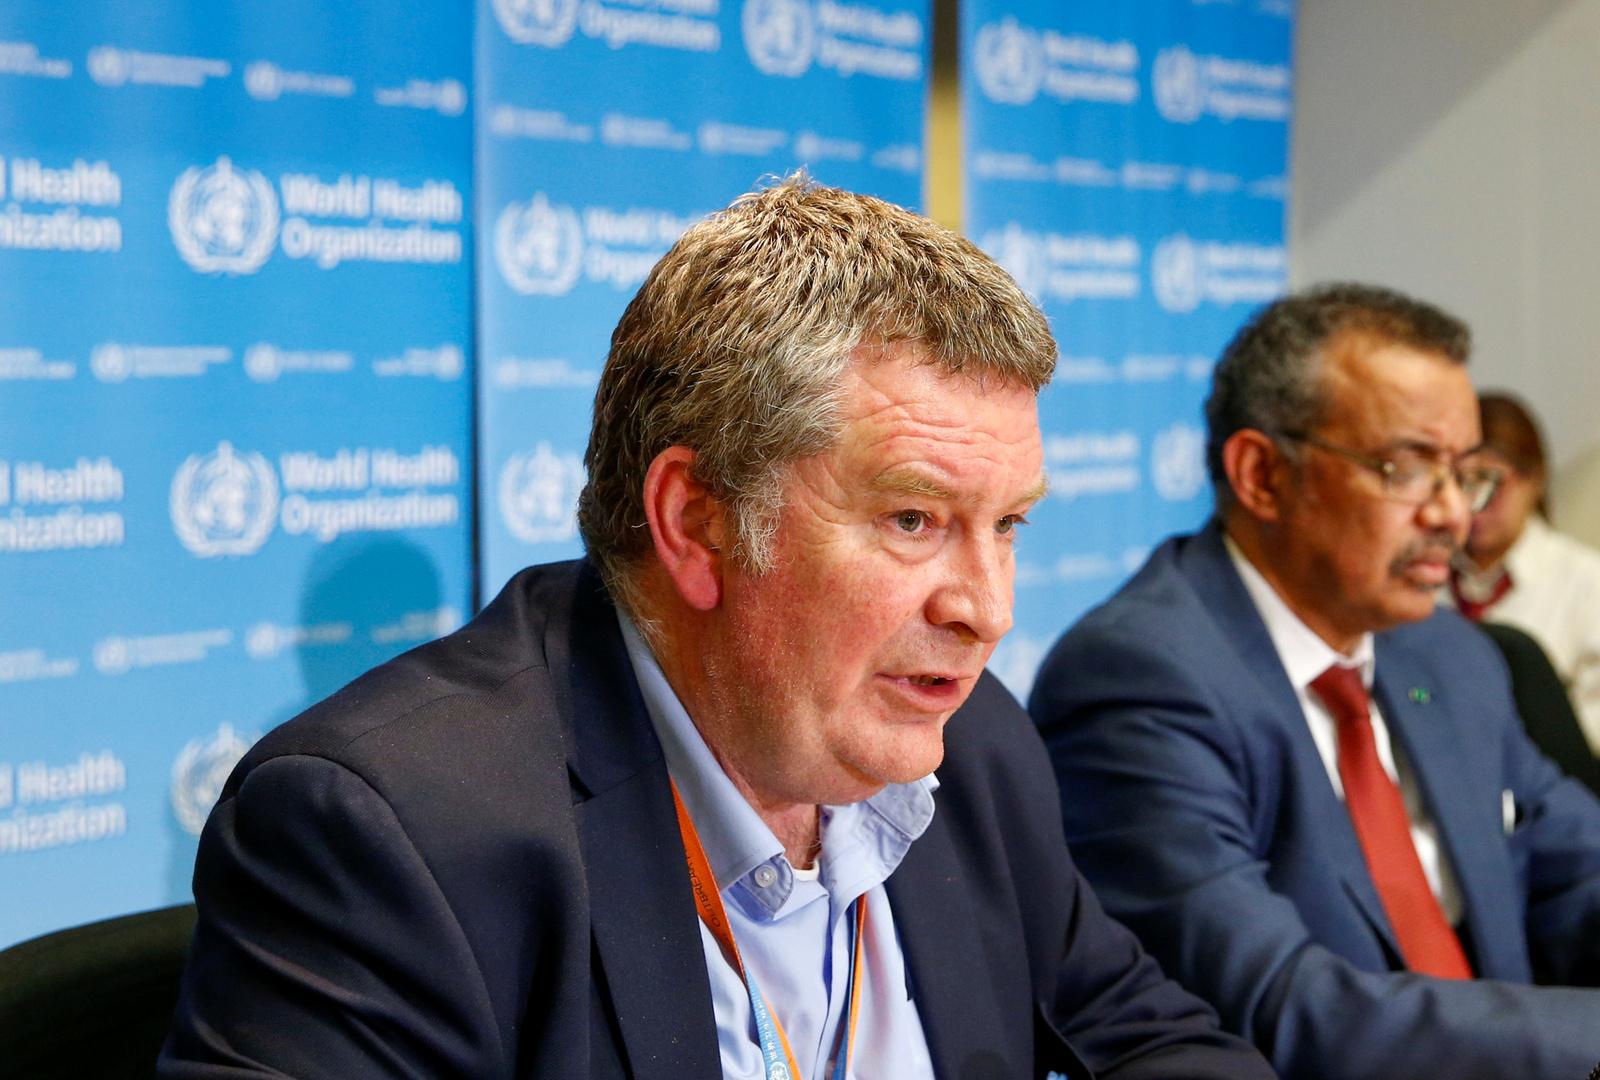 مدير برنامج الطوارئ لمنظمة الصحة العالمية، مايك رايان